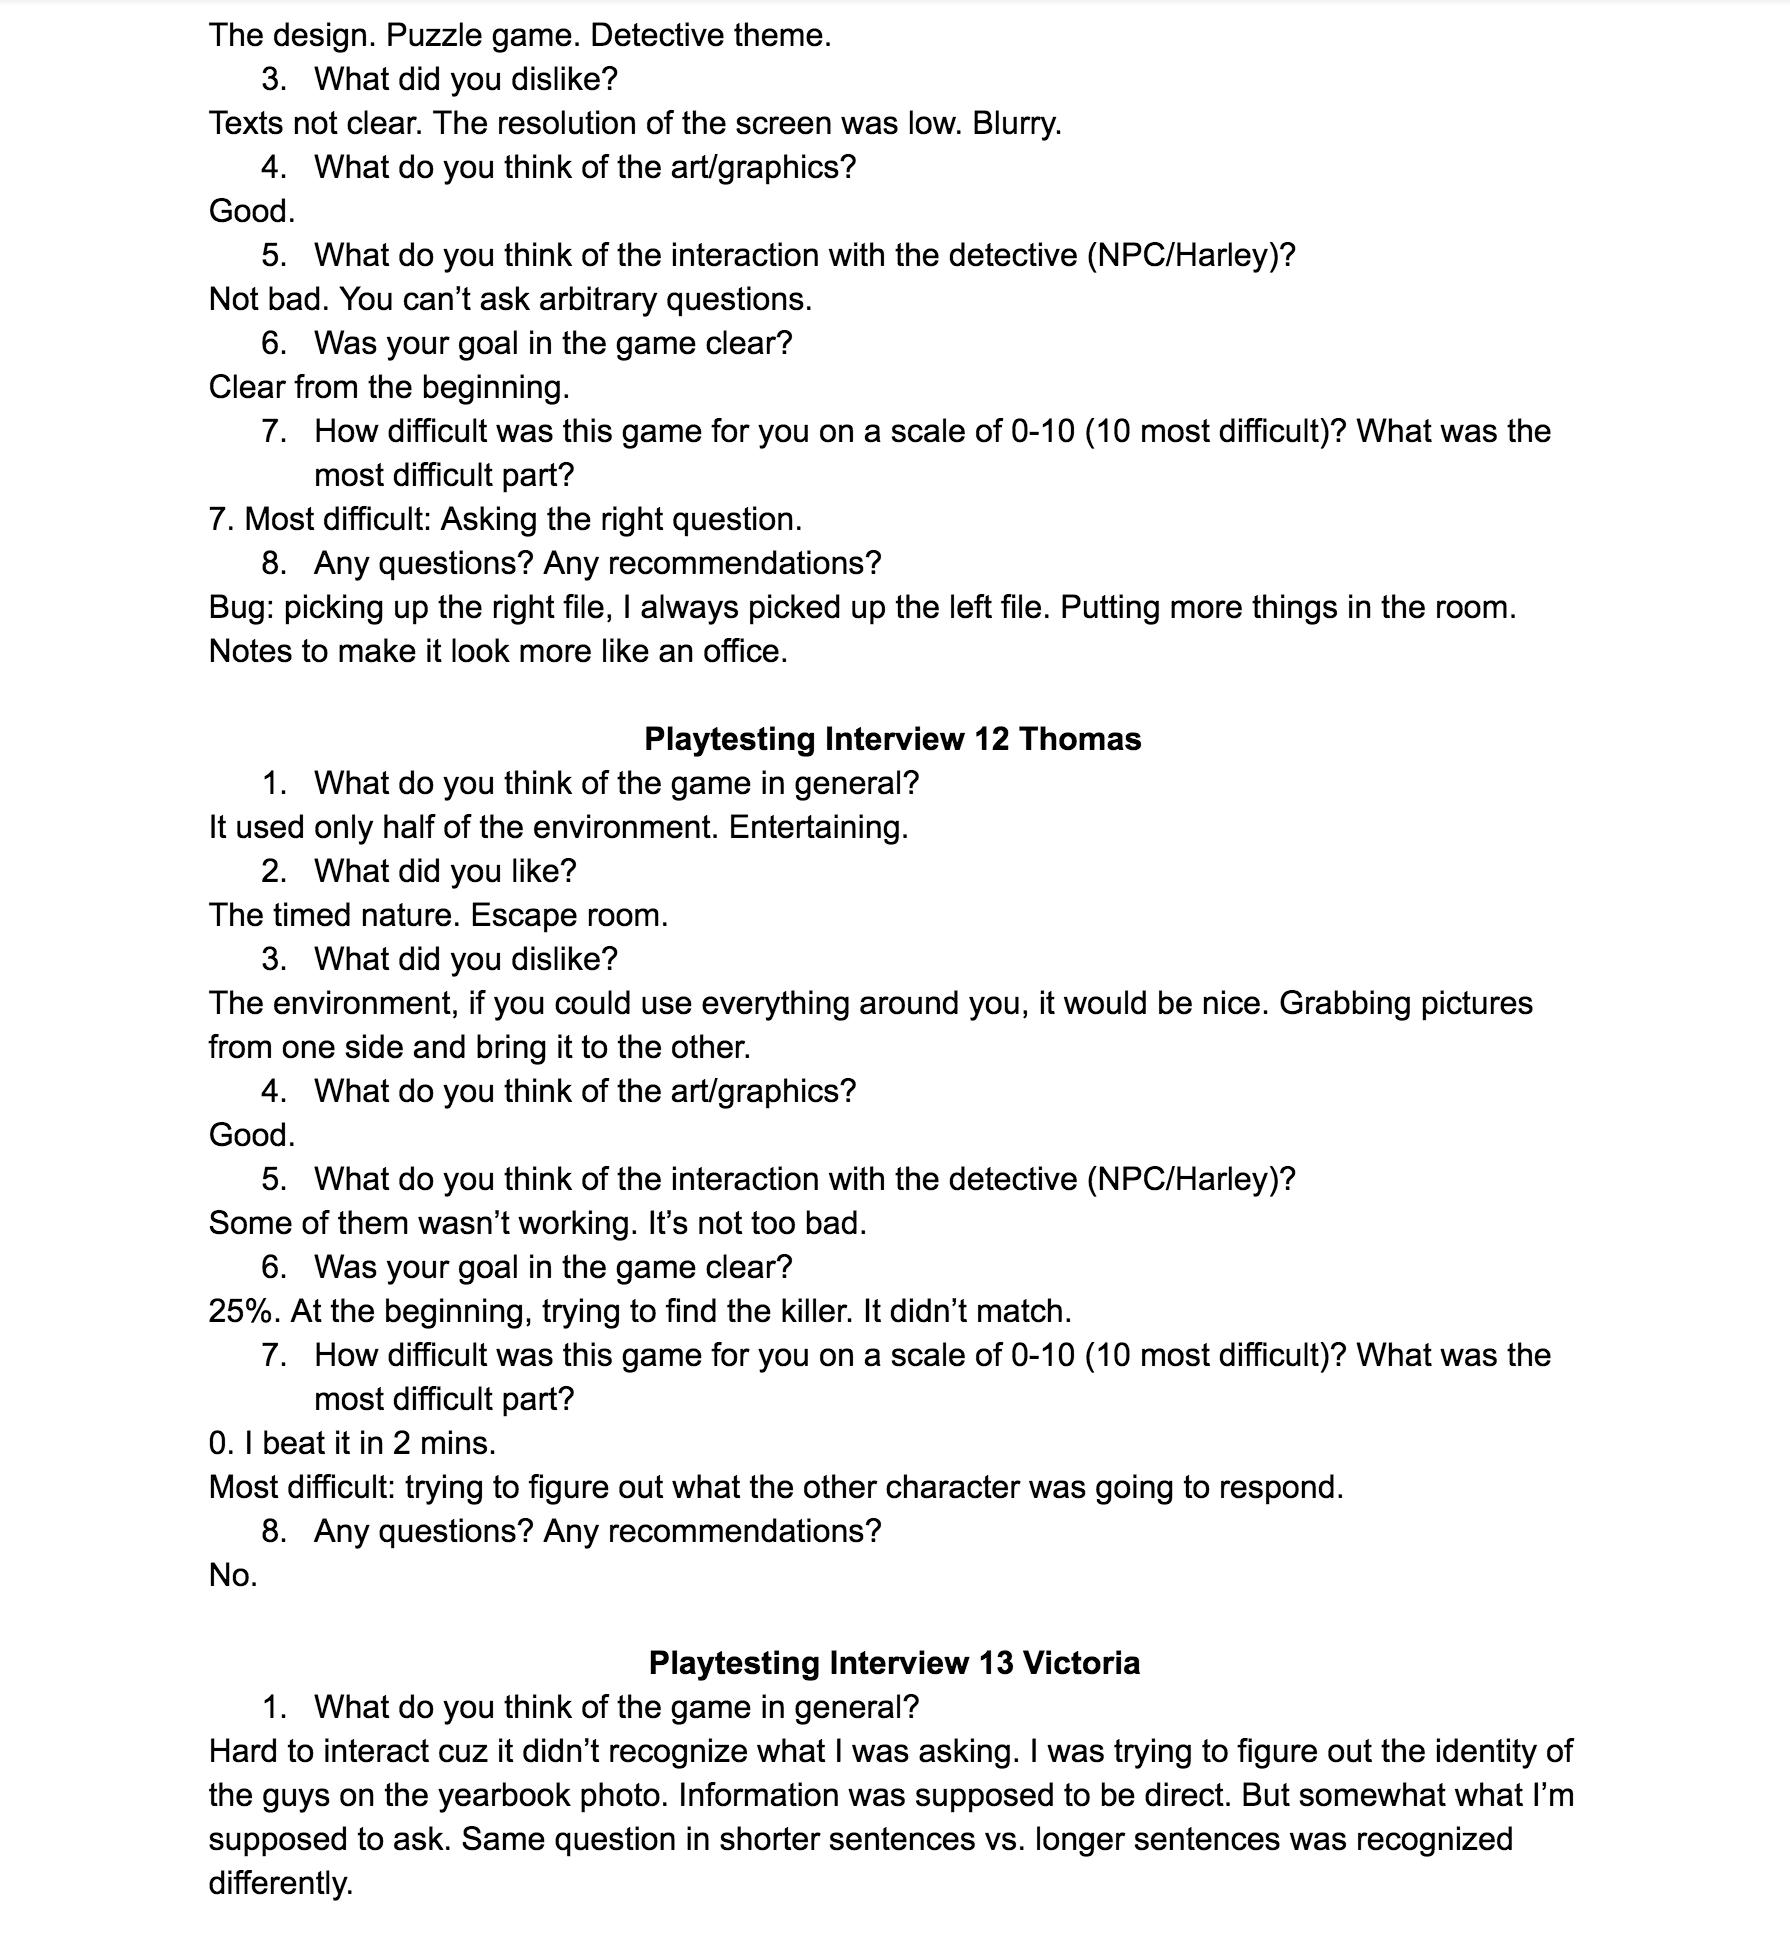 Playtest interview 7